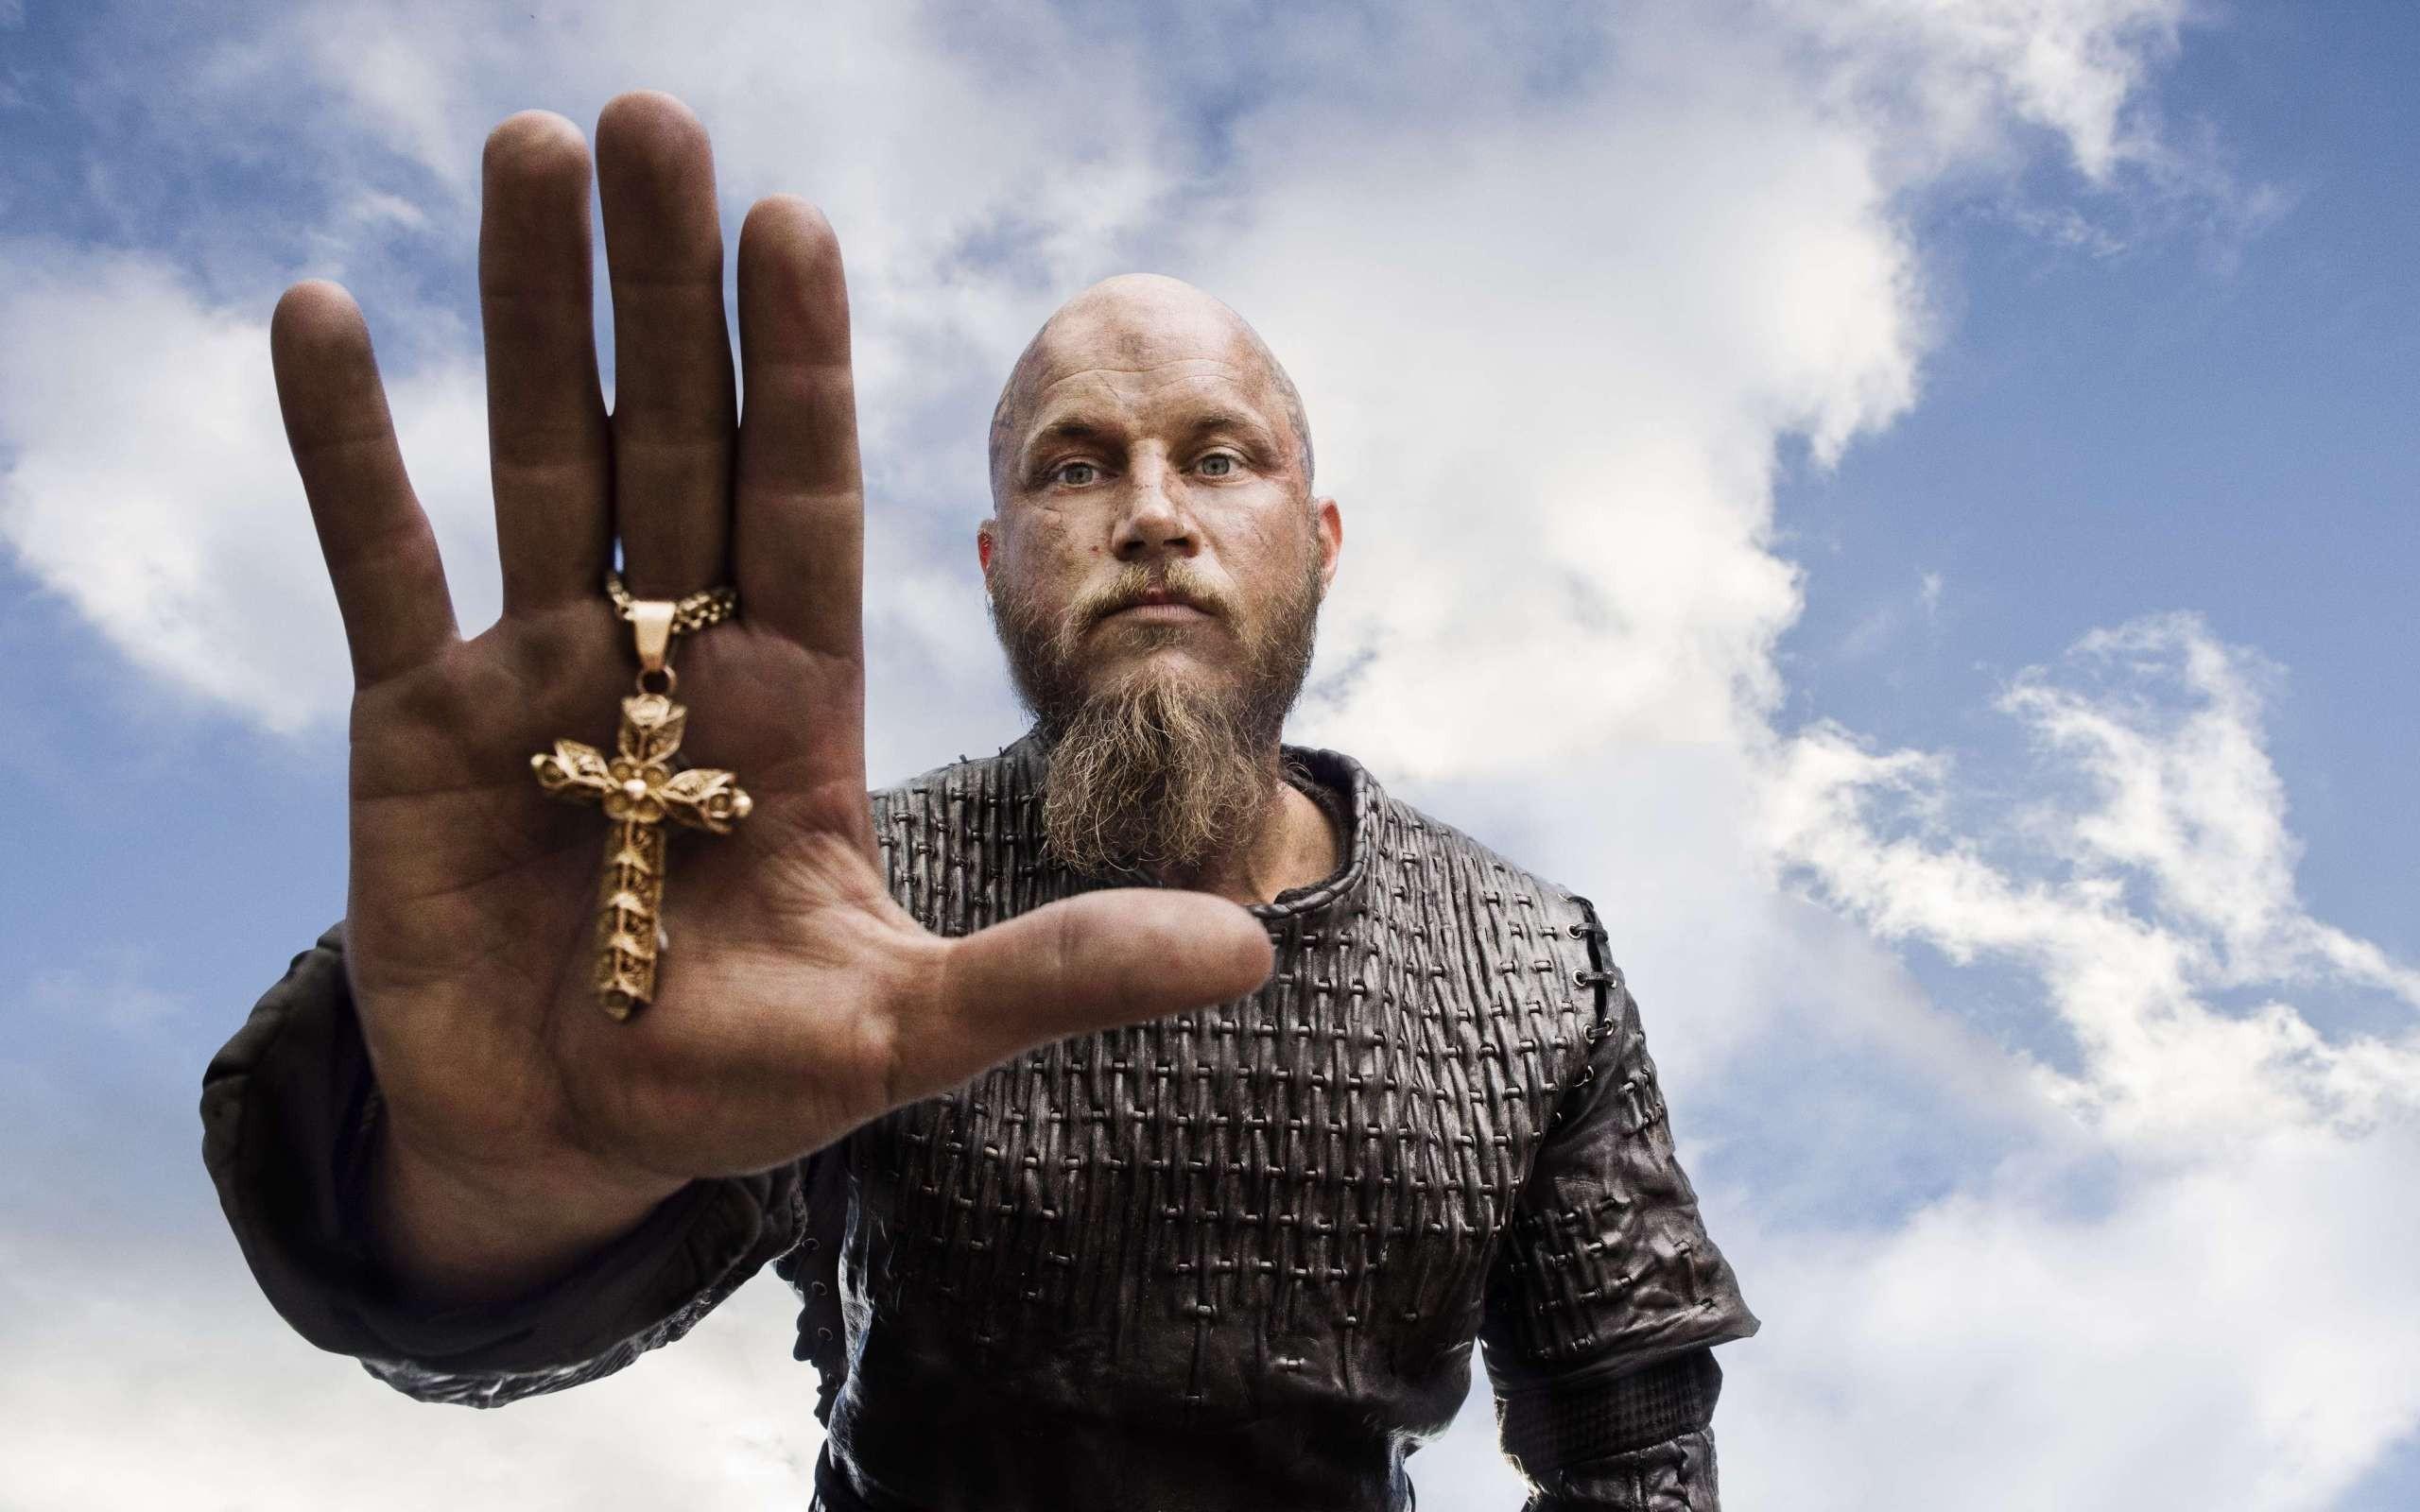 1366x768 Ragnar Lodbrok In Vikings 1366x768 Resolution Hd 4k